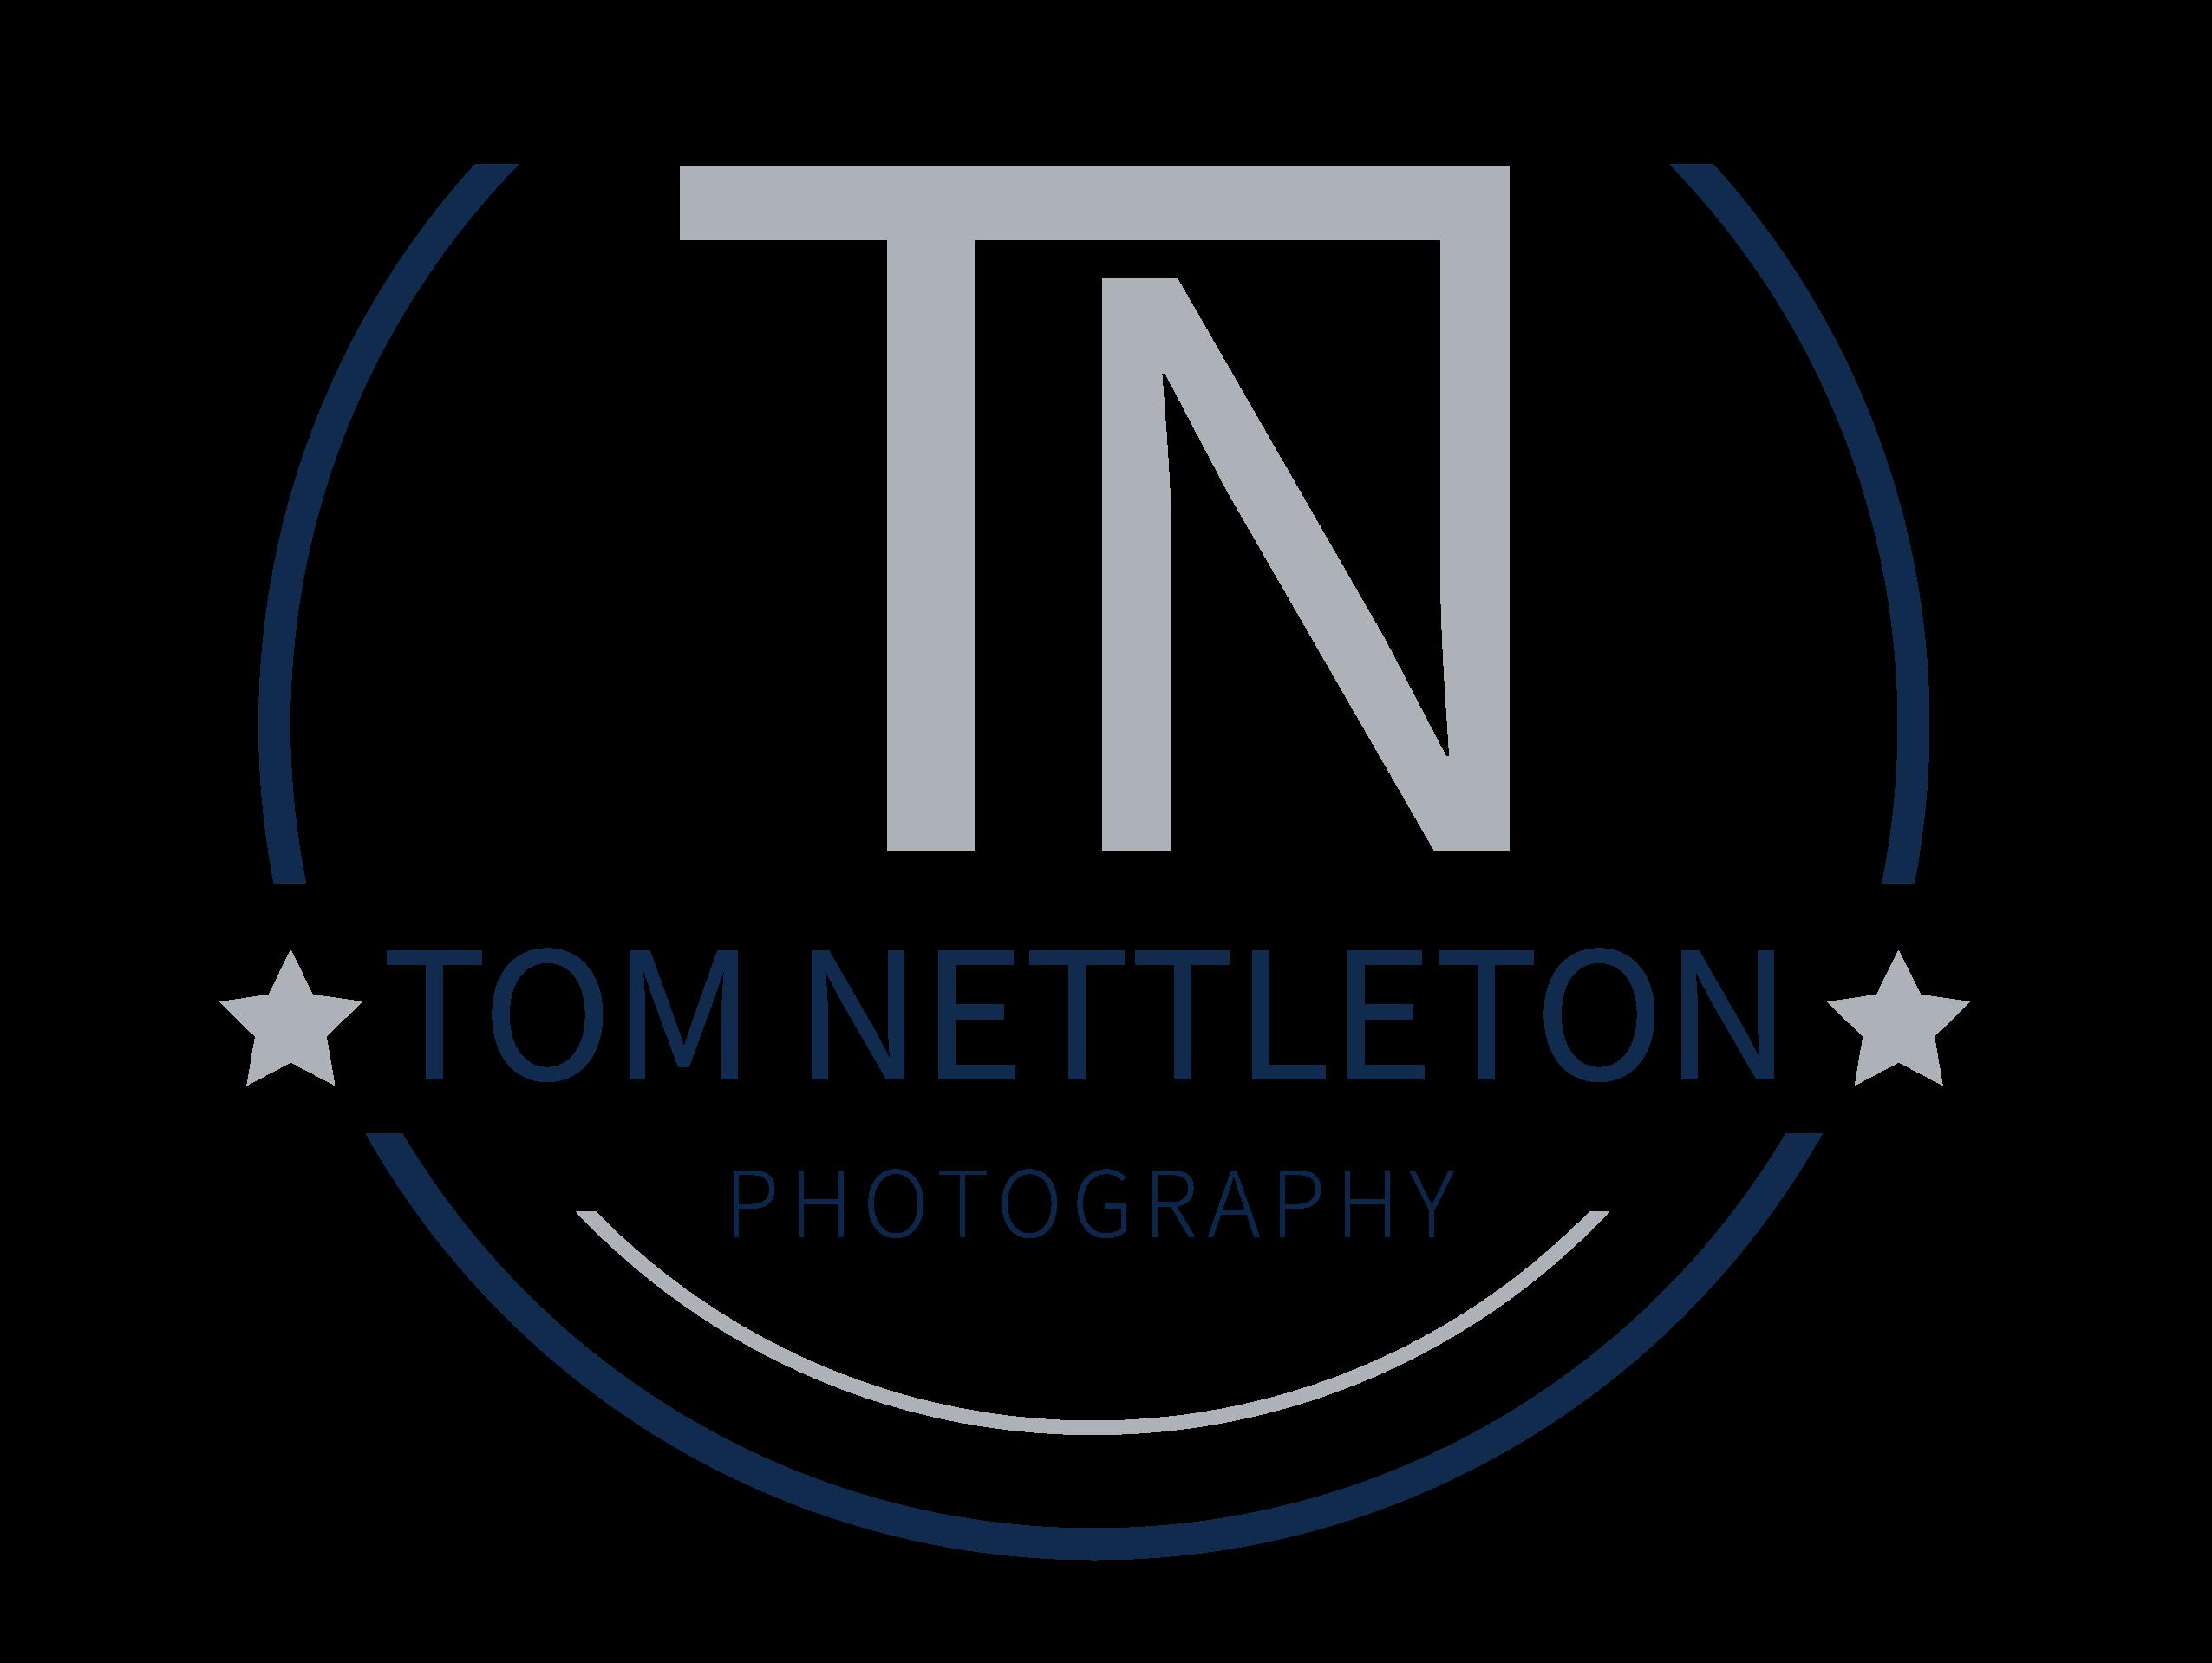 Tom Nettleton Photography